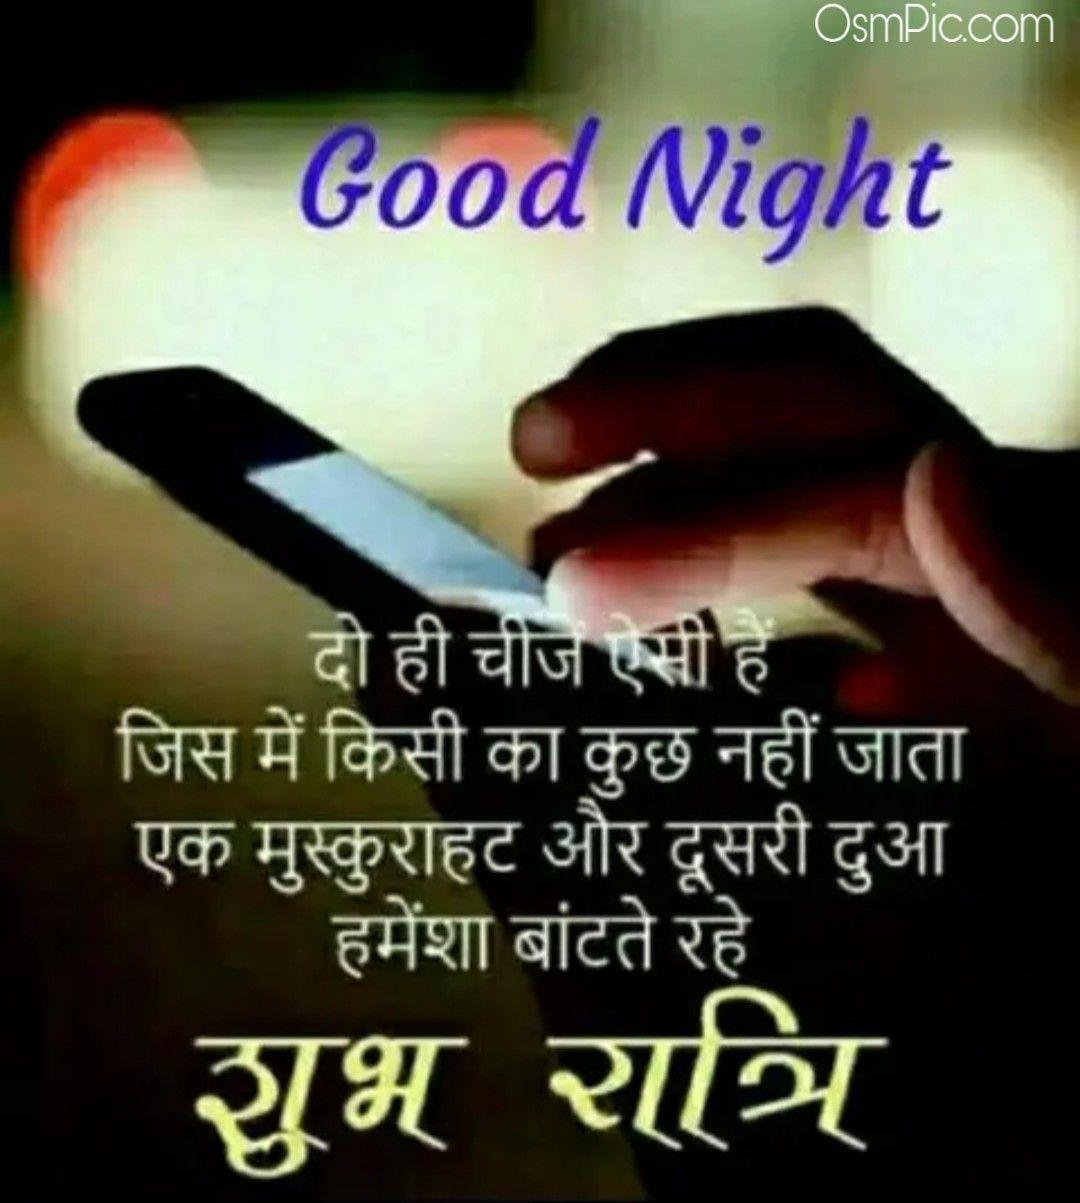 Good Night Image In Hindi Good Night Hindi Good Night Quotes Good Night Love Images